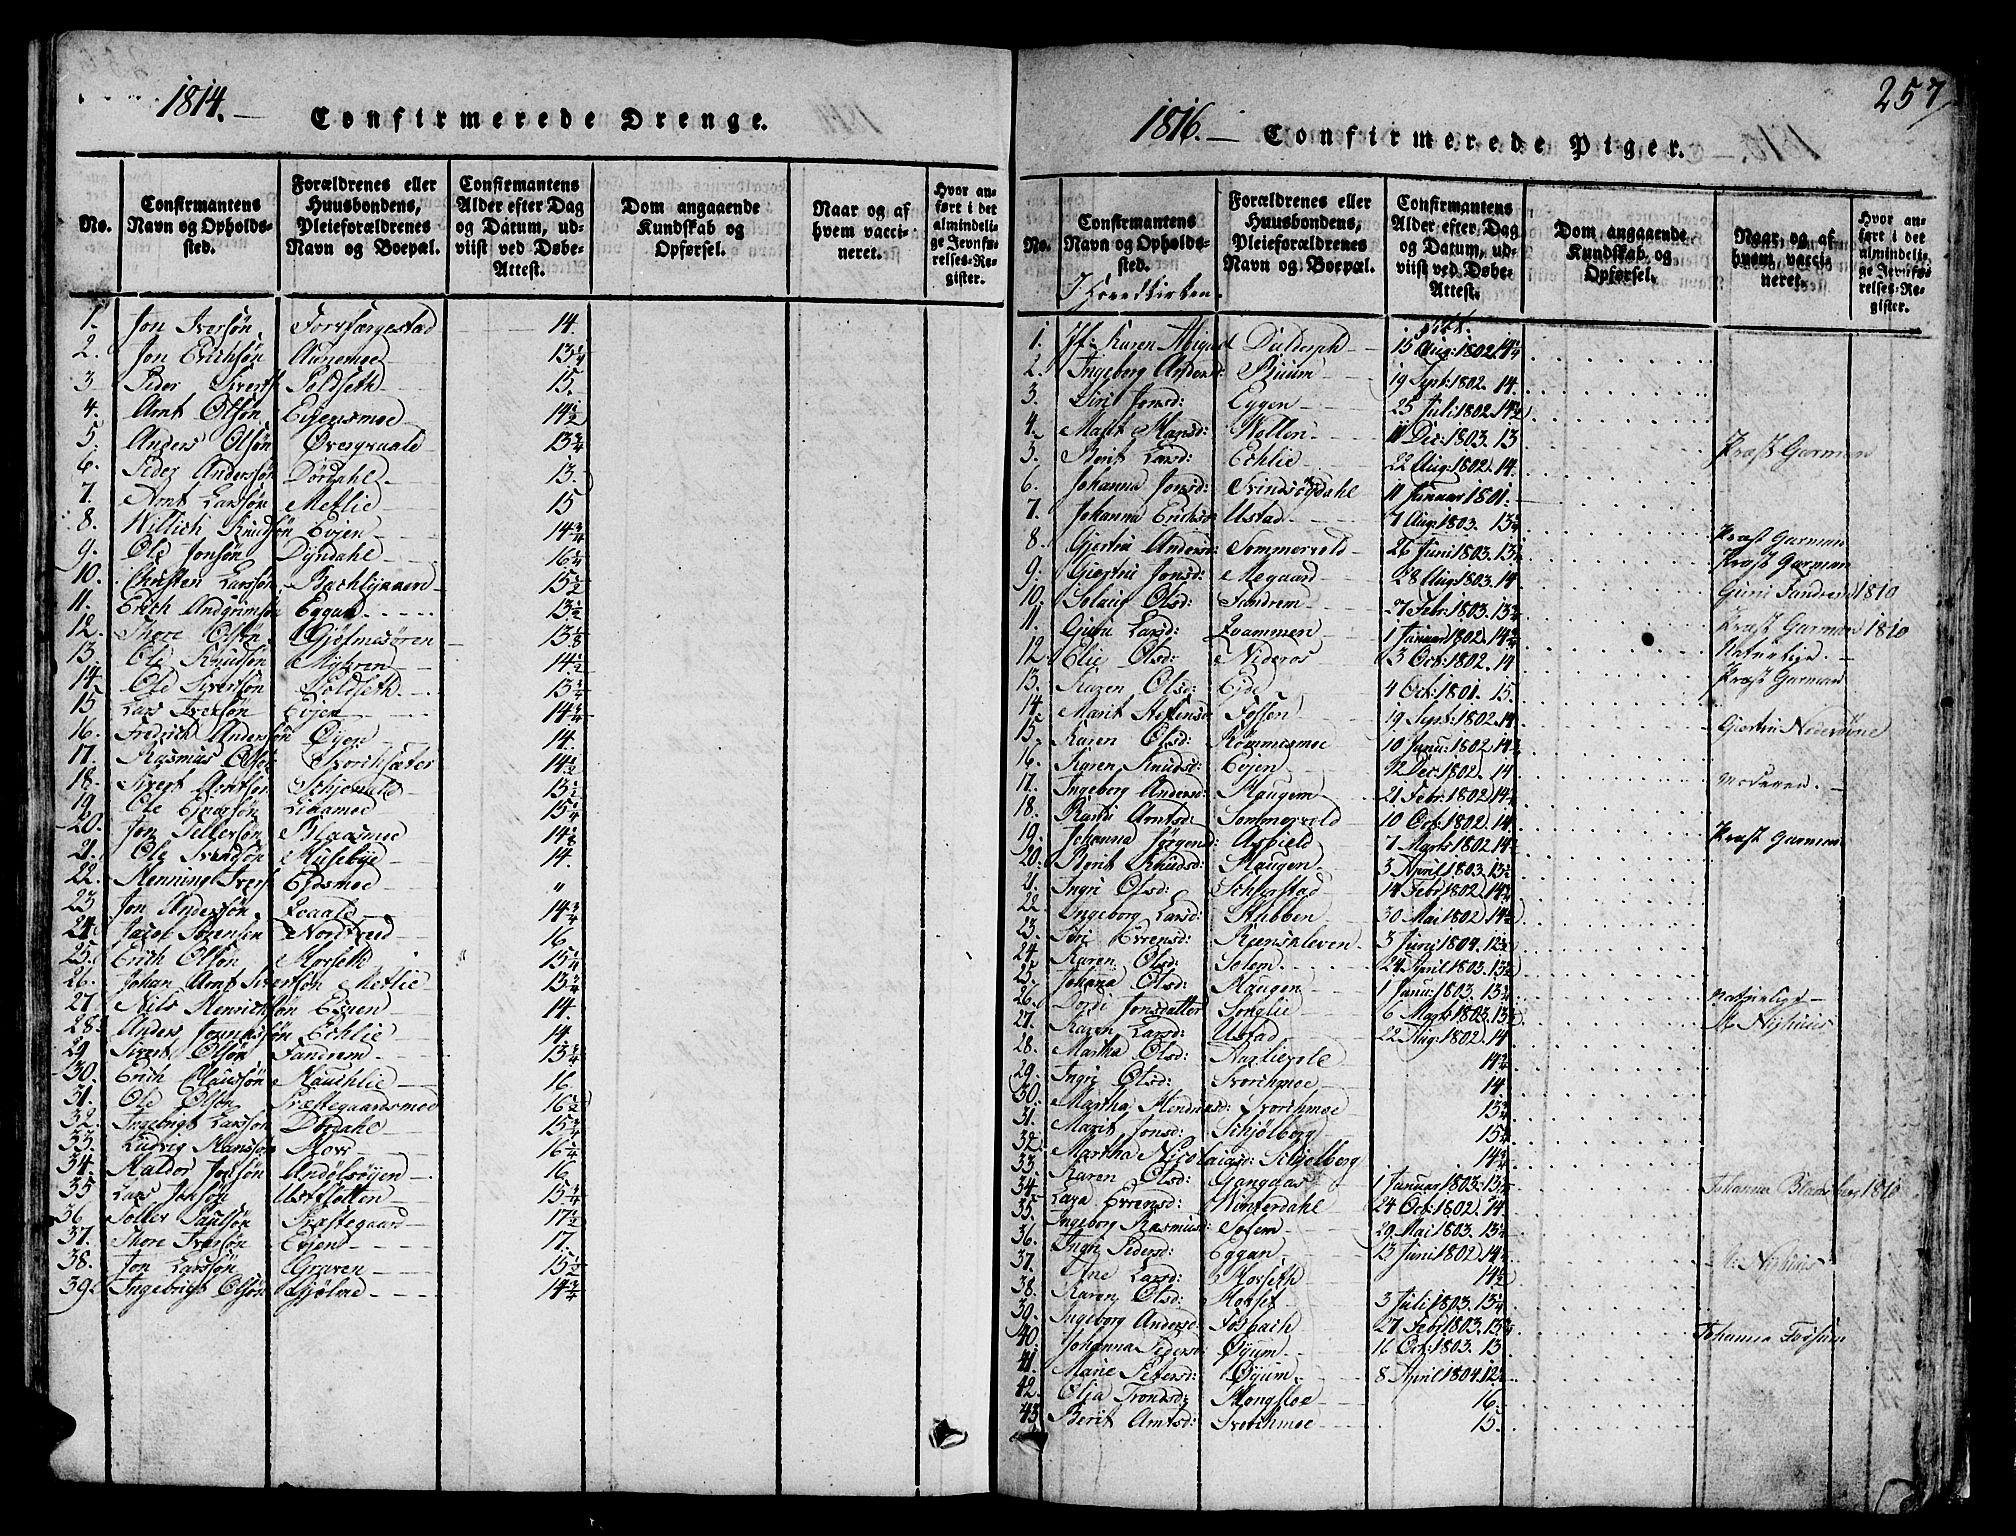 SAT, Ministerialprotokoller, klokkerbøker og fødselsregistre - Sør-Trøndelag, 668/L0803: Ministerialbok nr. 668A03, 1800-1826, s. 257